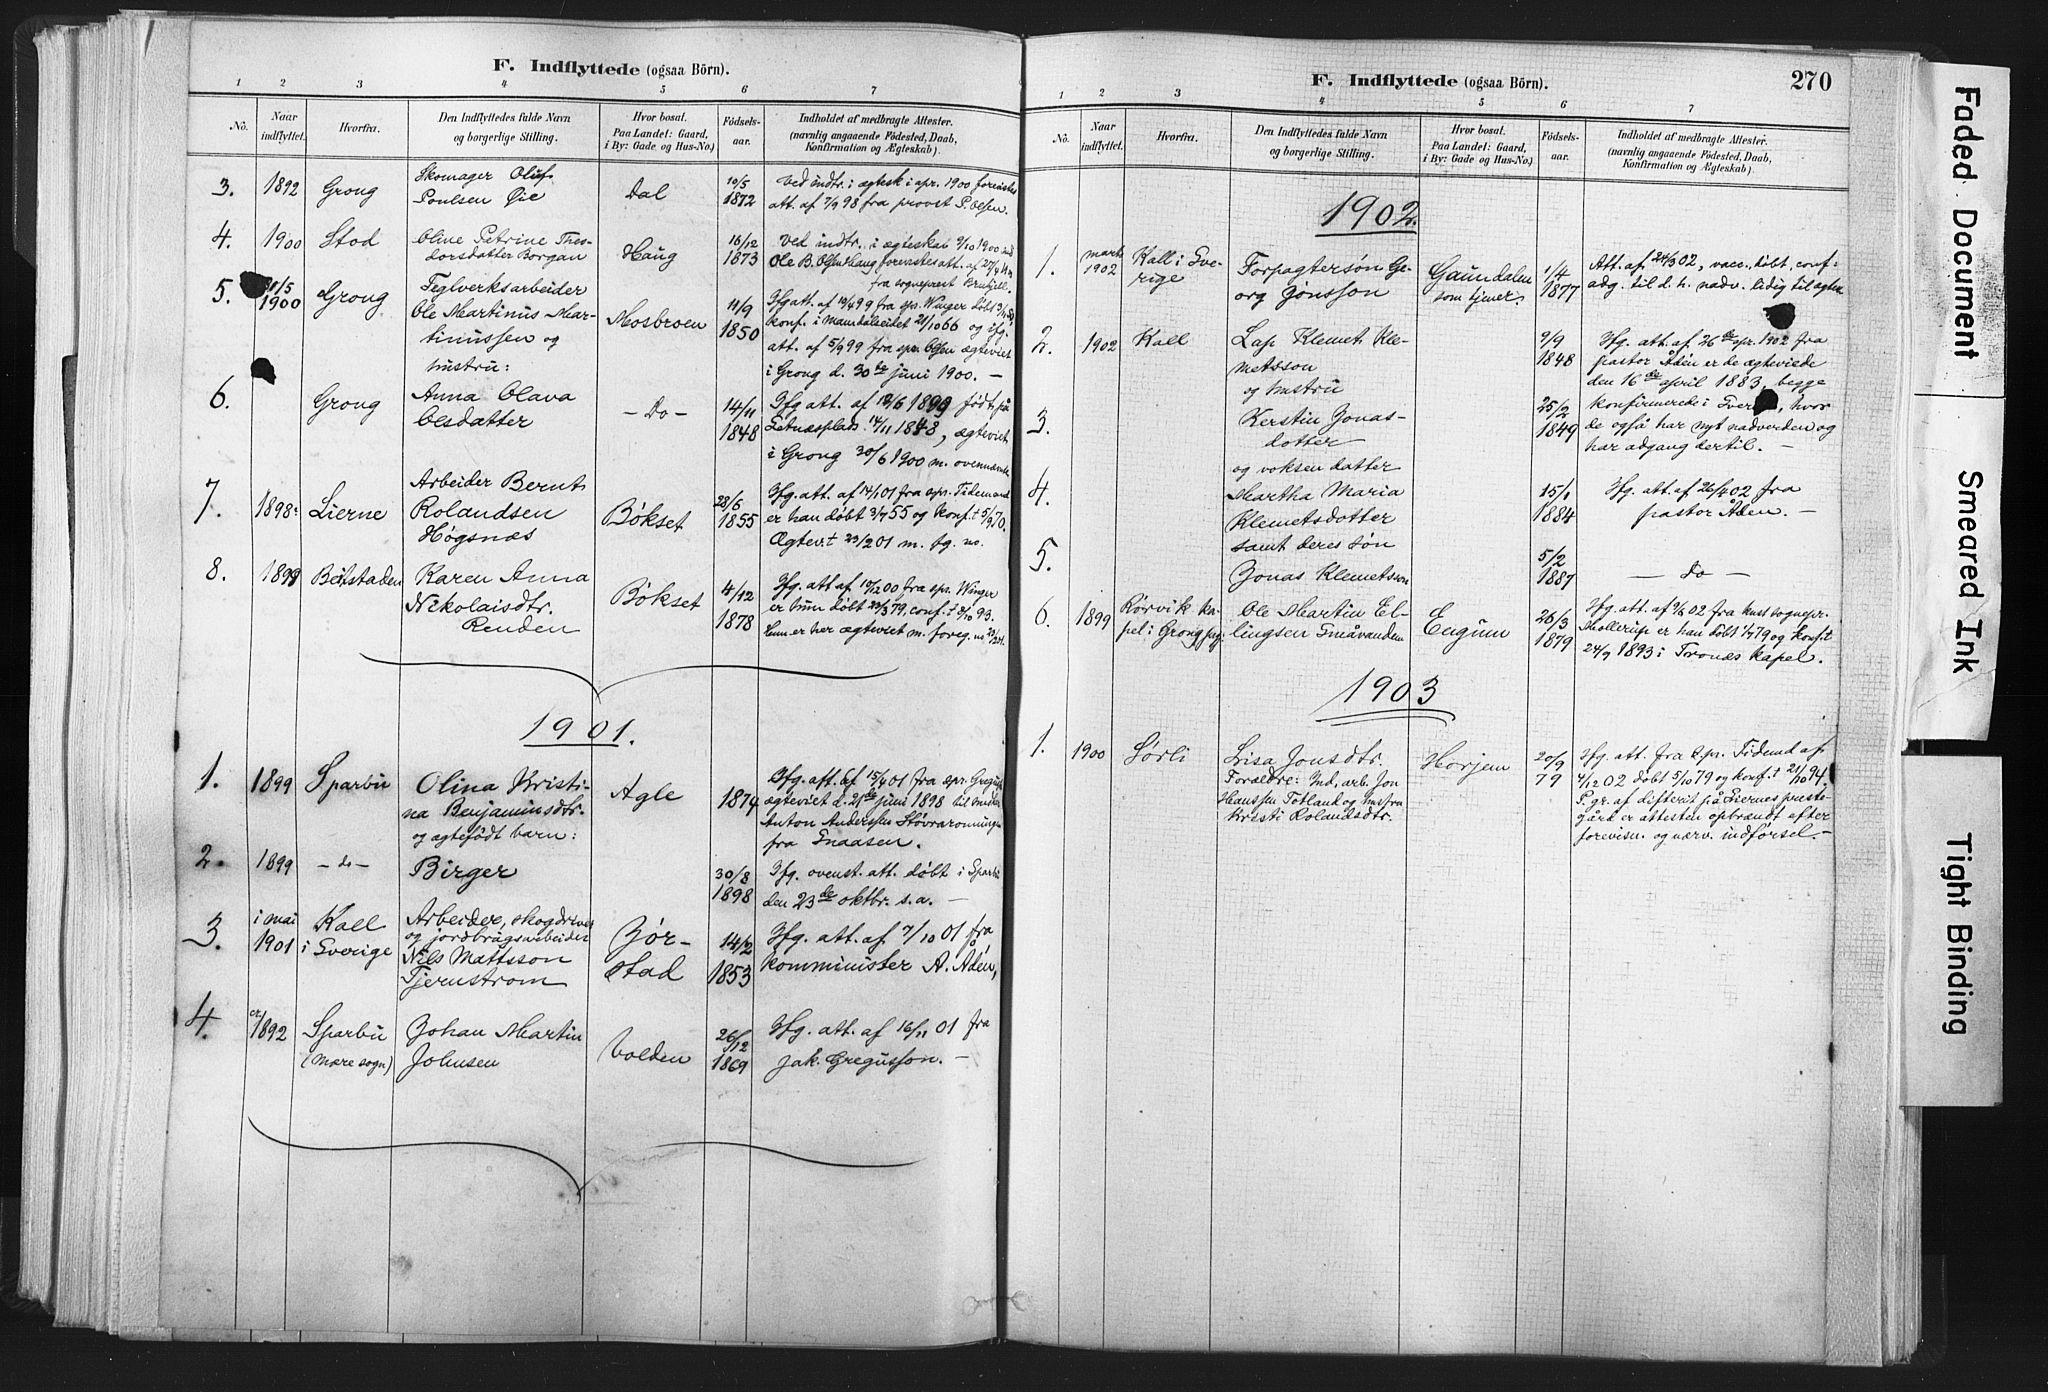 SAT, Ministerialprotokoller, klokkerbøker og fødselsregistre - Nord-Trøndelag, 749/L0474: Ministerialbok nr. 749A08, 1887-1903, s. 270